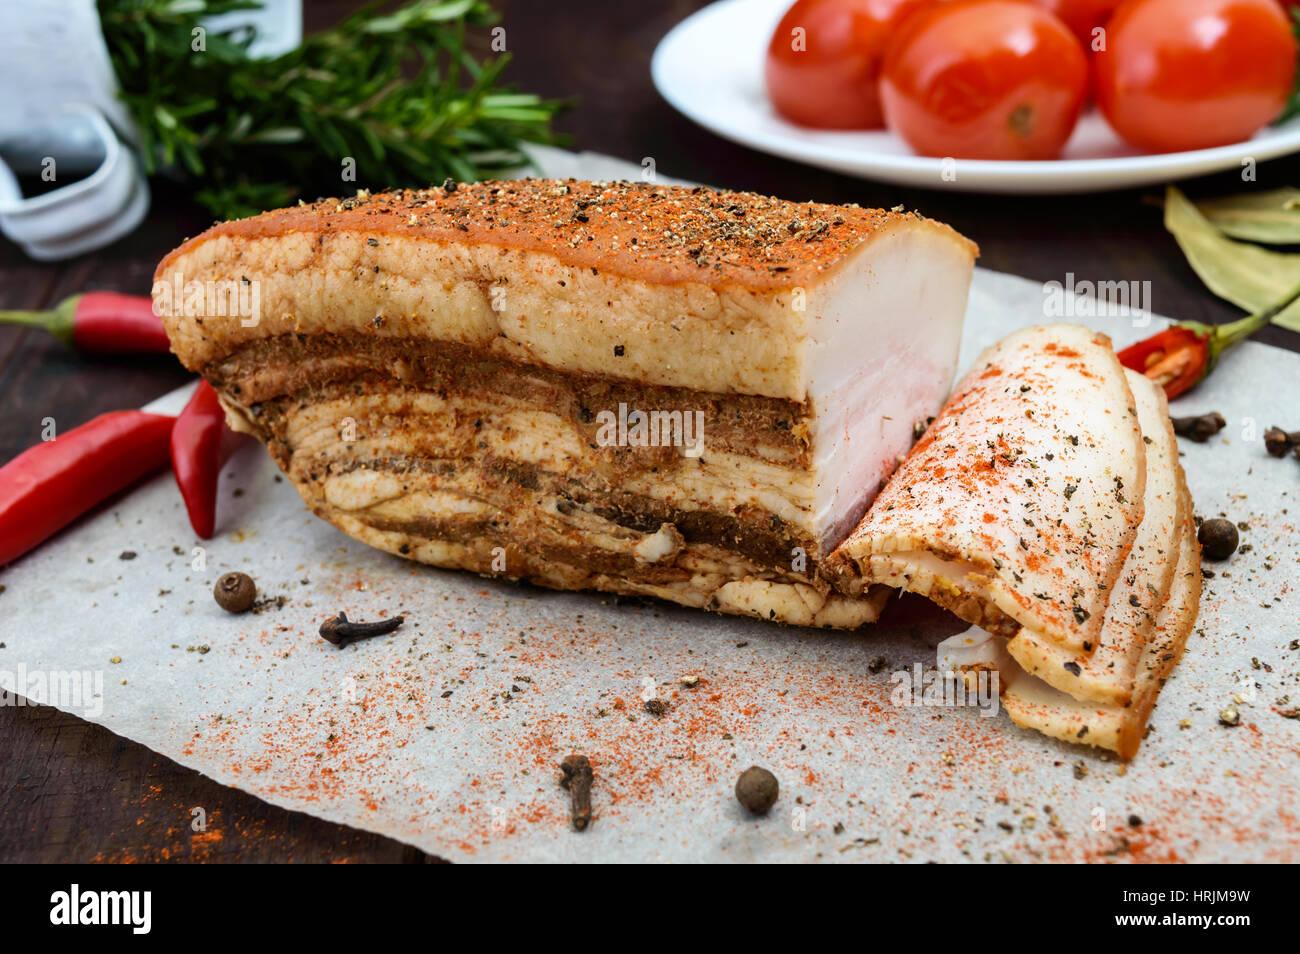 Ein großes Stück Speck gebacken mit Gewürzen und Kräutern auf einem Papier mit marinierten Tomaten. Stockbild